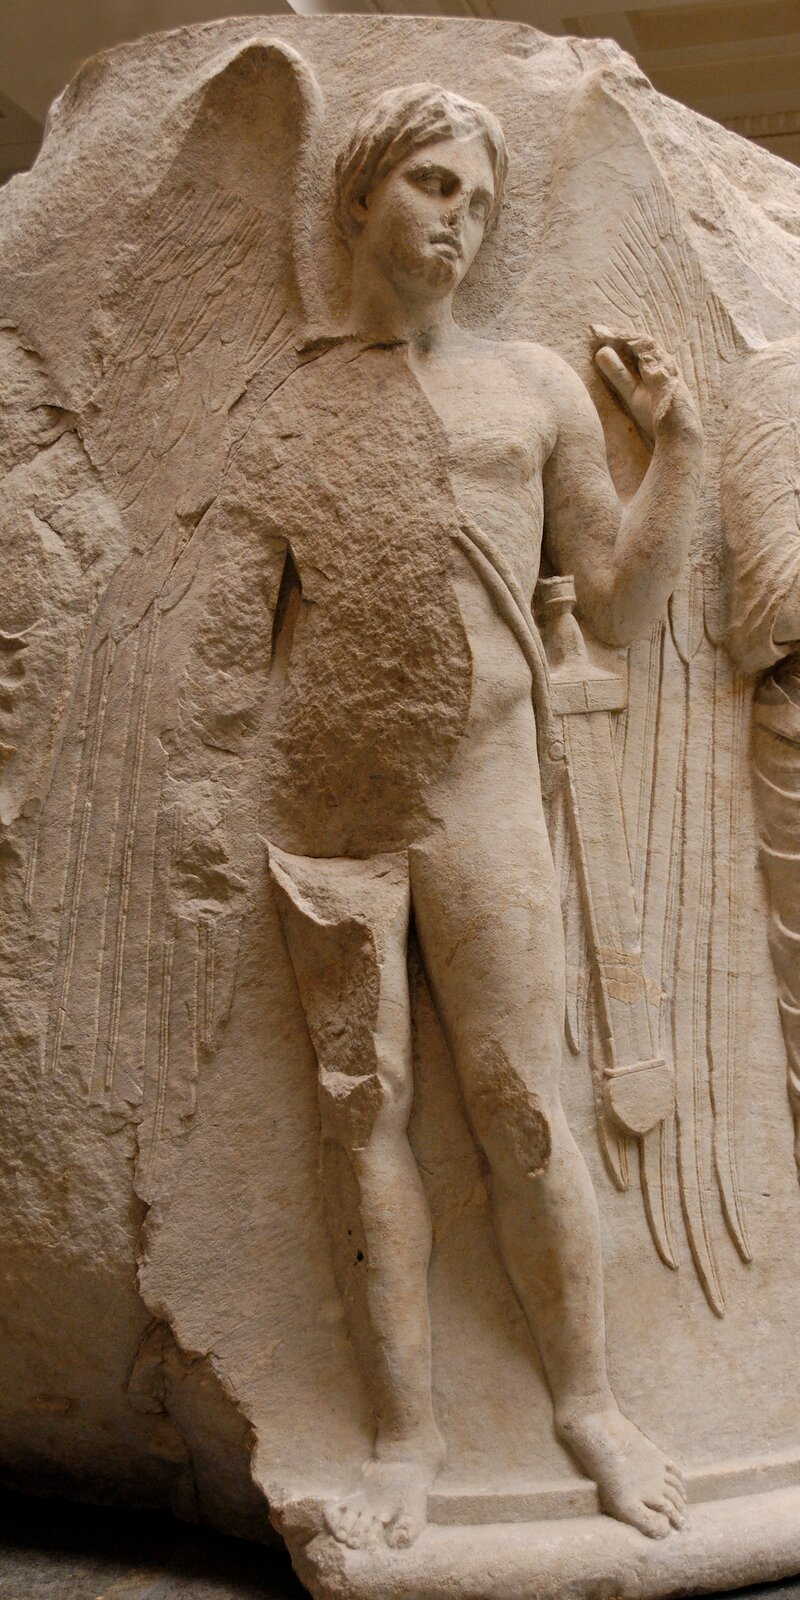 Zdjęcie przedstawia rzeźbę półnagiego mężczyzny. Mężczyzna stoi dumnie zuniesioną lewą ręką. Na biodrze ma pas zmieczem. Zza pleców widoczne są jego ogromne skrzydła.